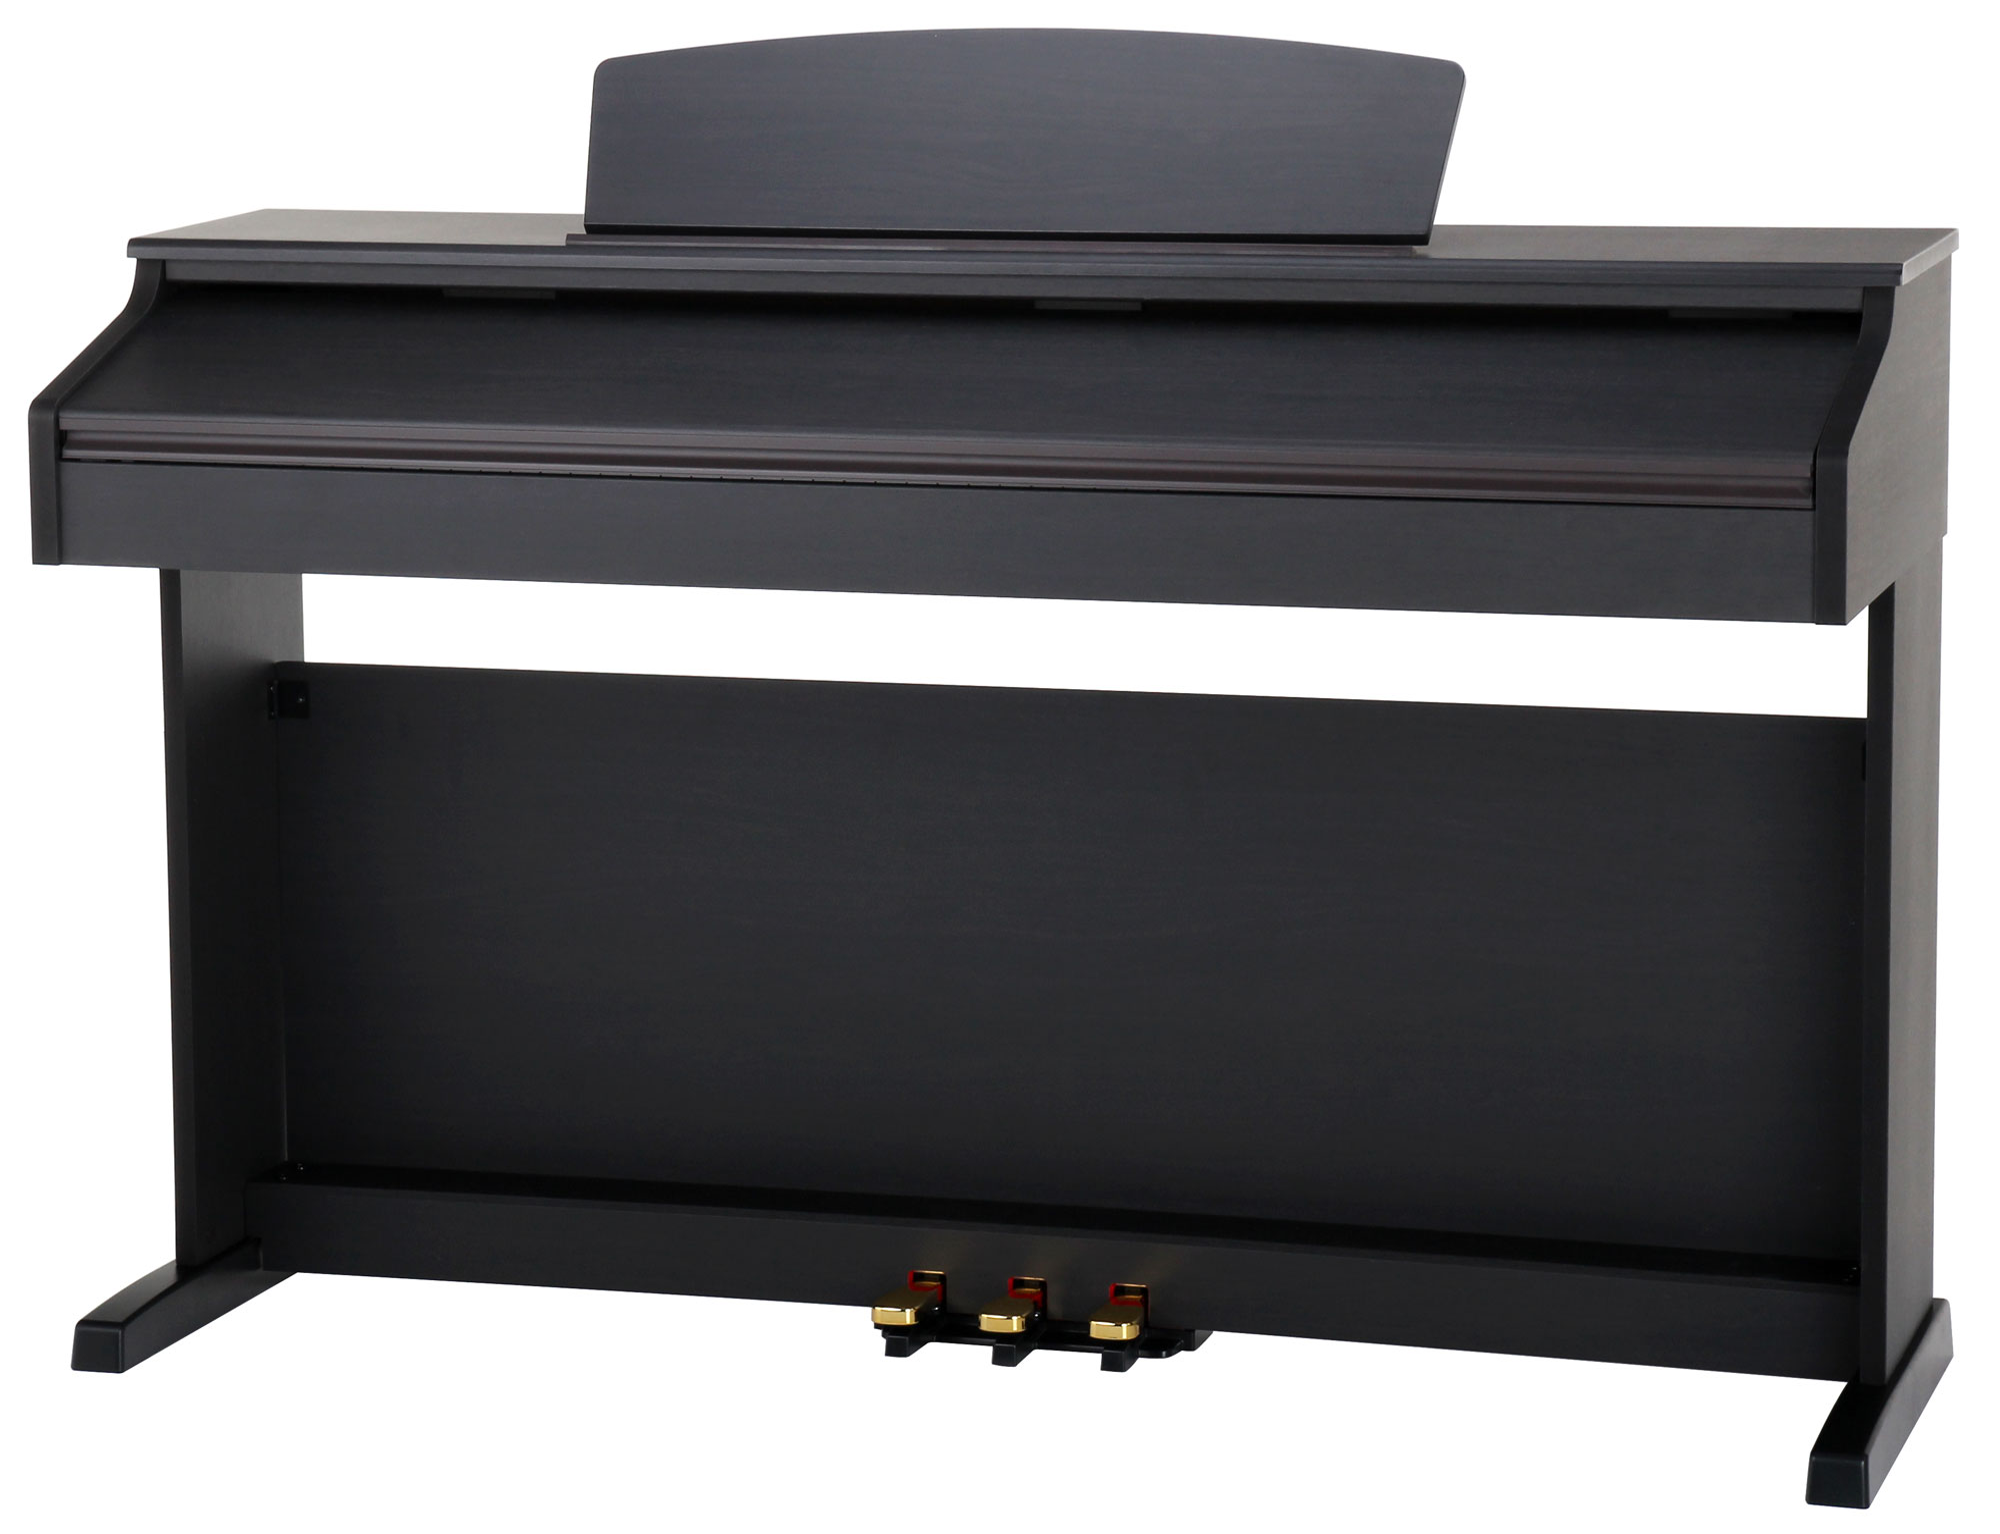 E-Piano Digital Piano 88 Hammer Tasten Keyboard Set Bank Kopfhörer Braun Matt